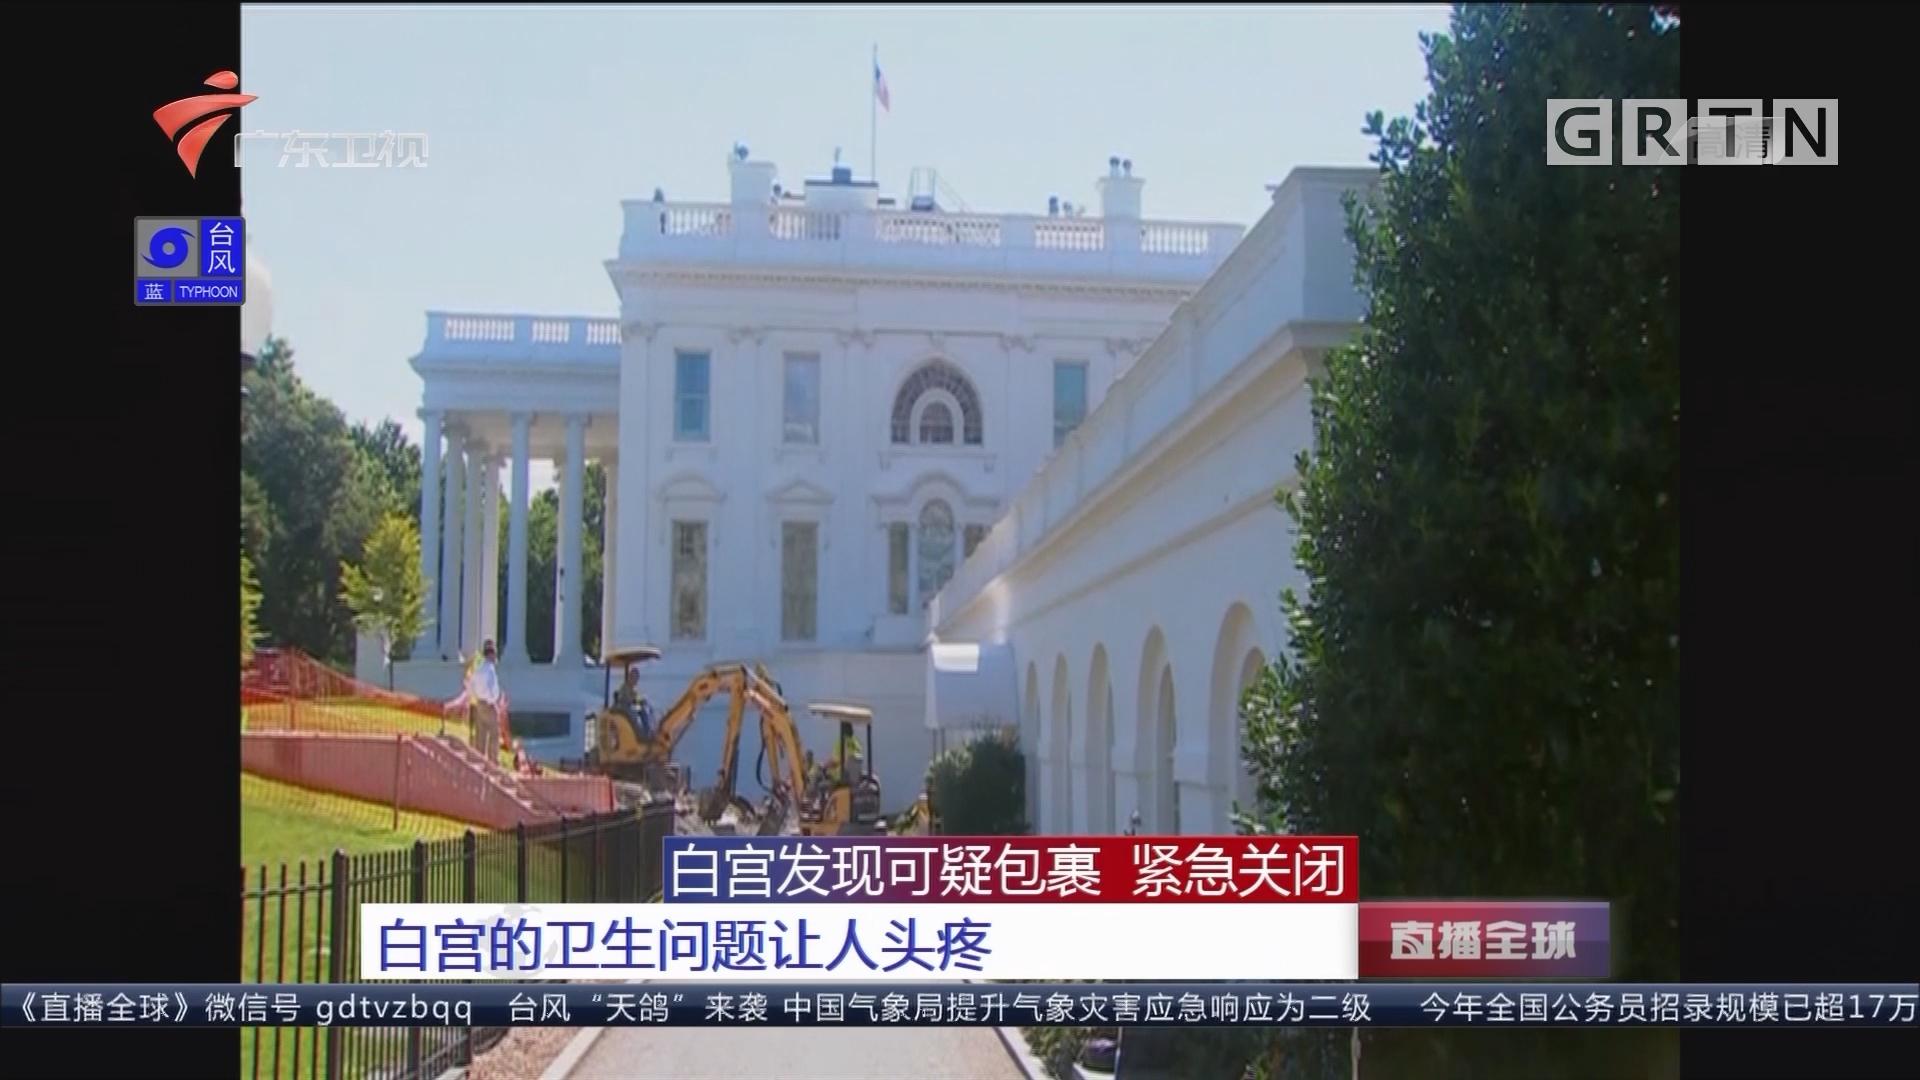 白宫发现可疑包裹 紧急关闭:白宫的卫生问题让人头疼